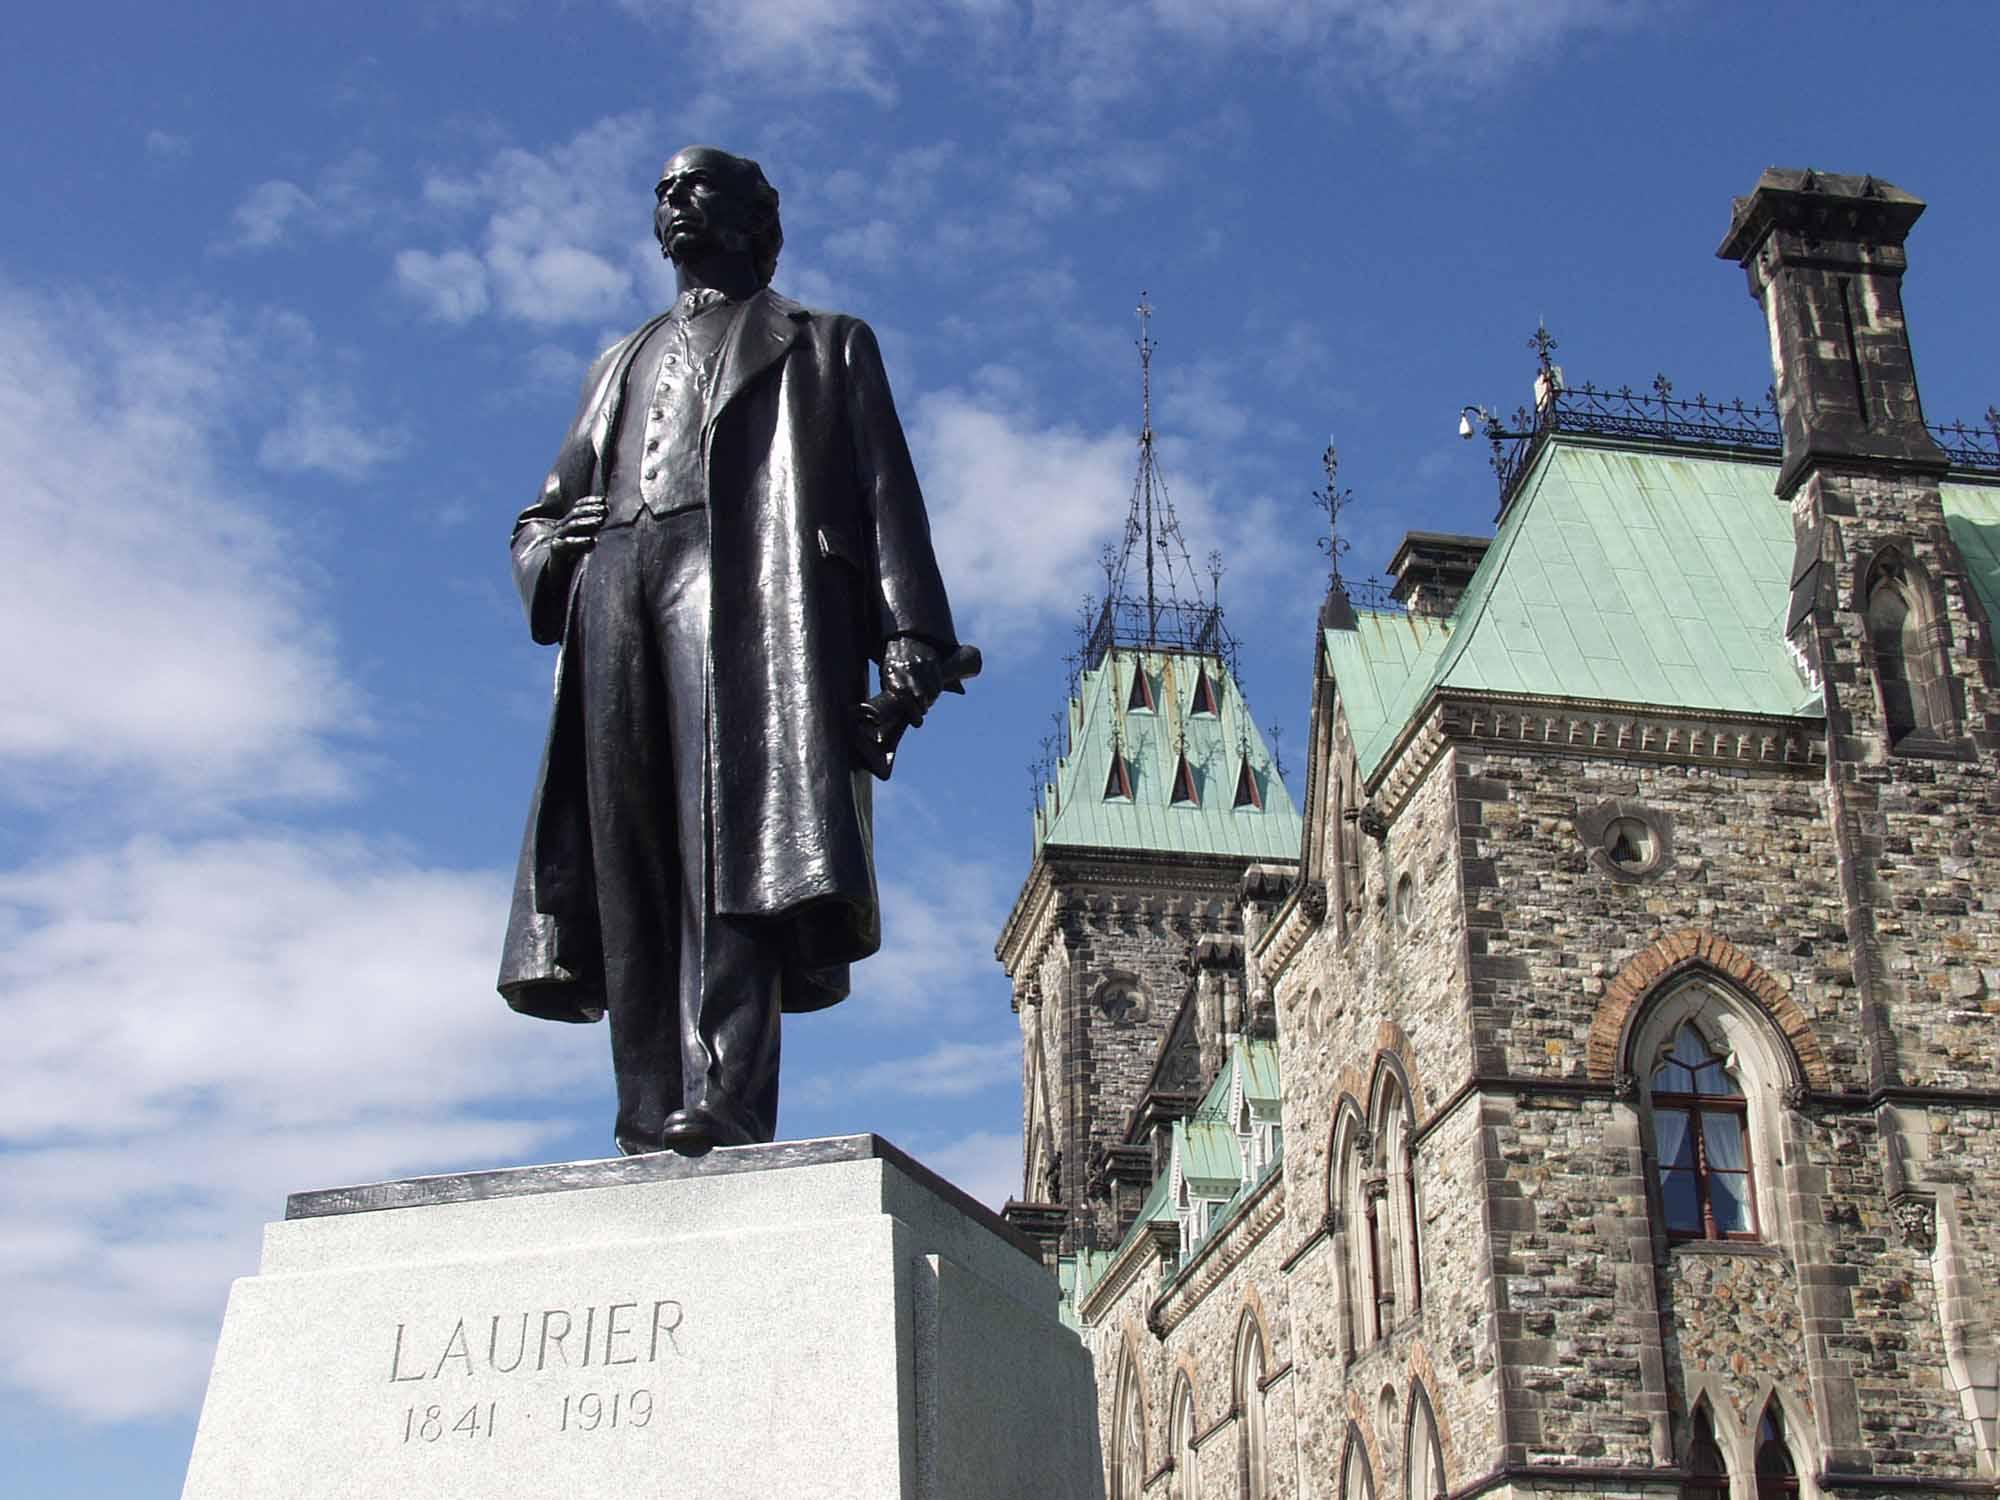 Sir Wilfrid Laurier 1841-1919